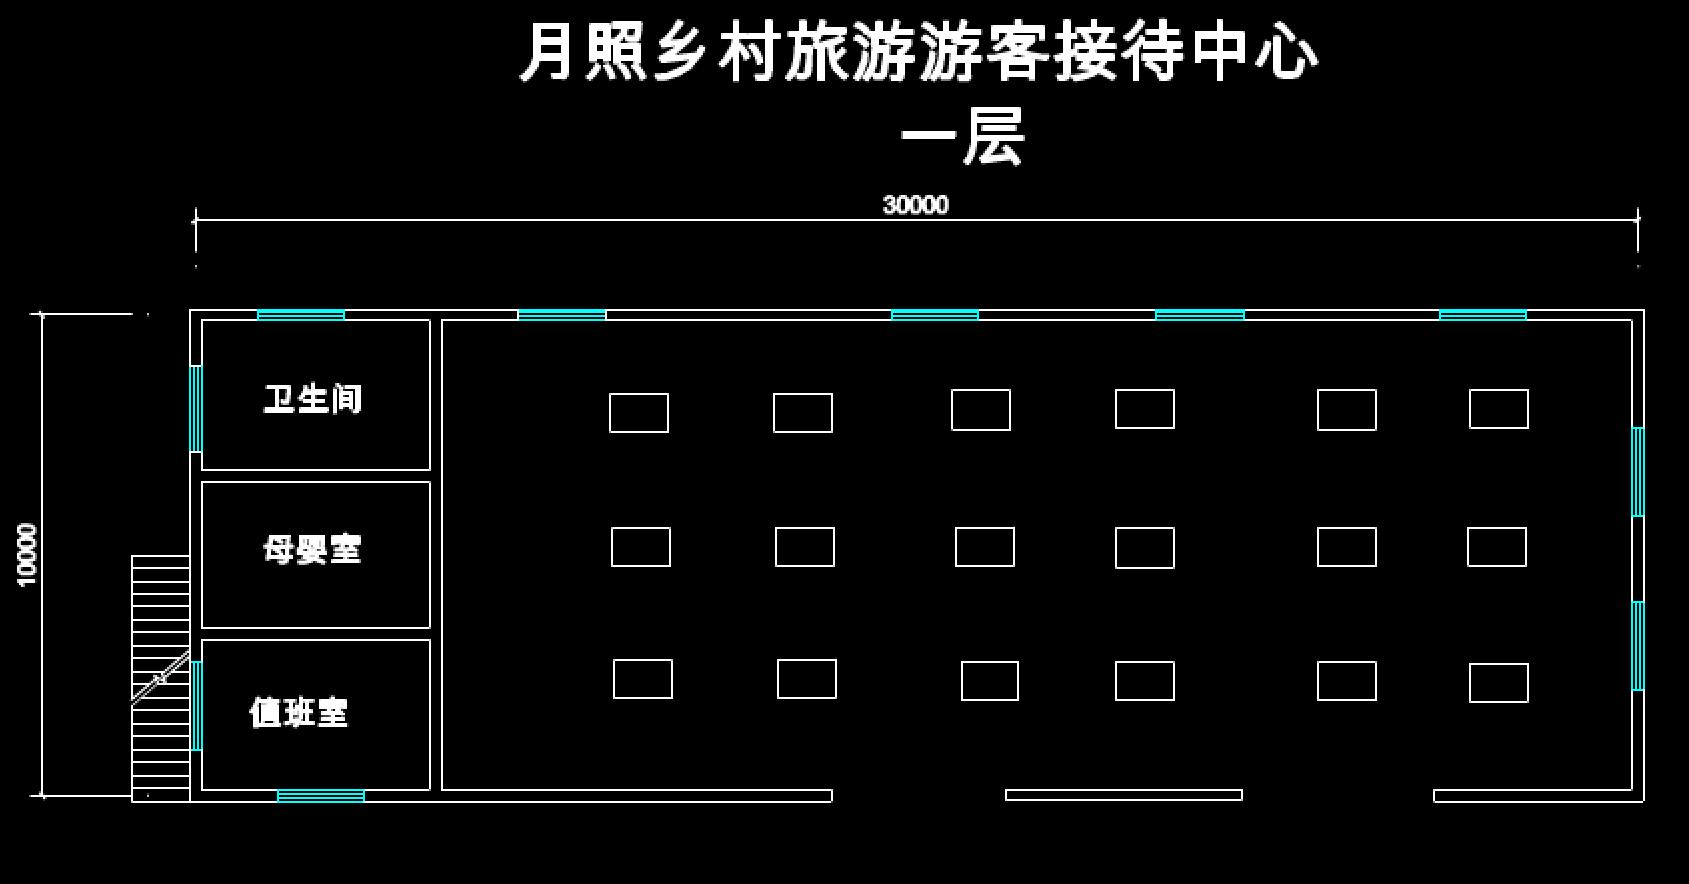 某接待中心的CAD室内平面图设计